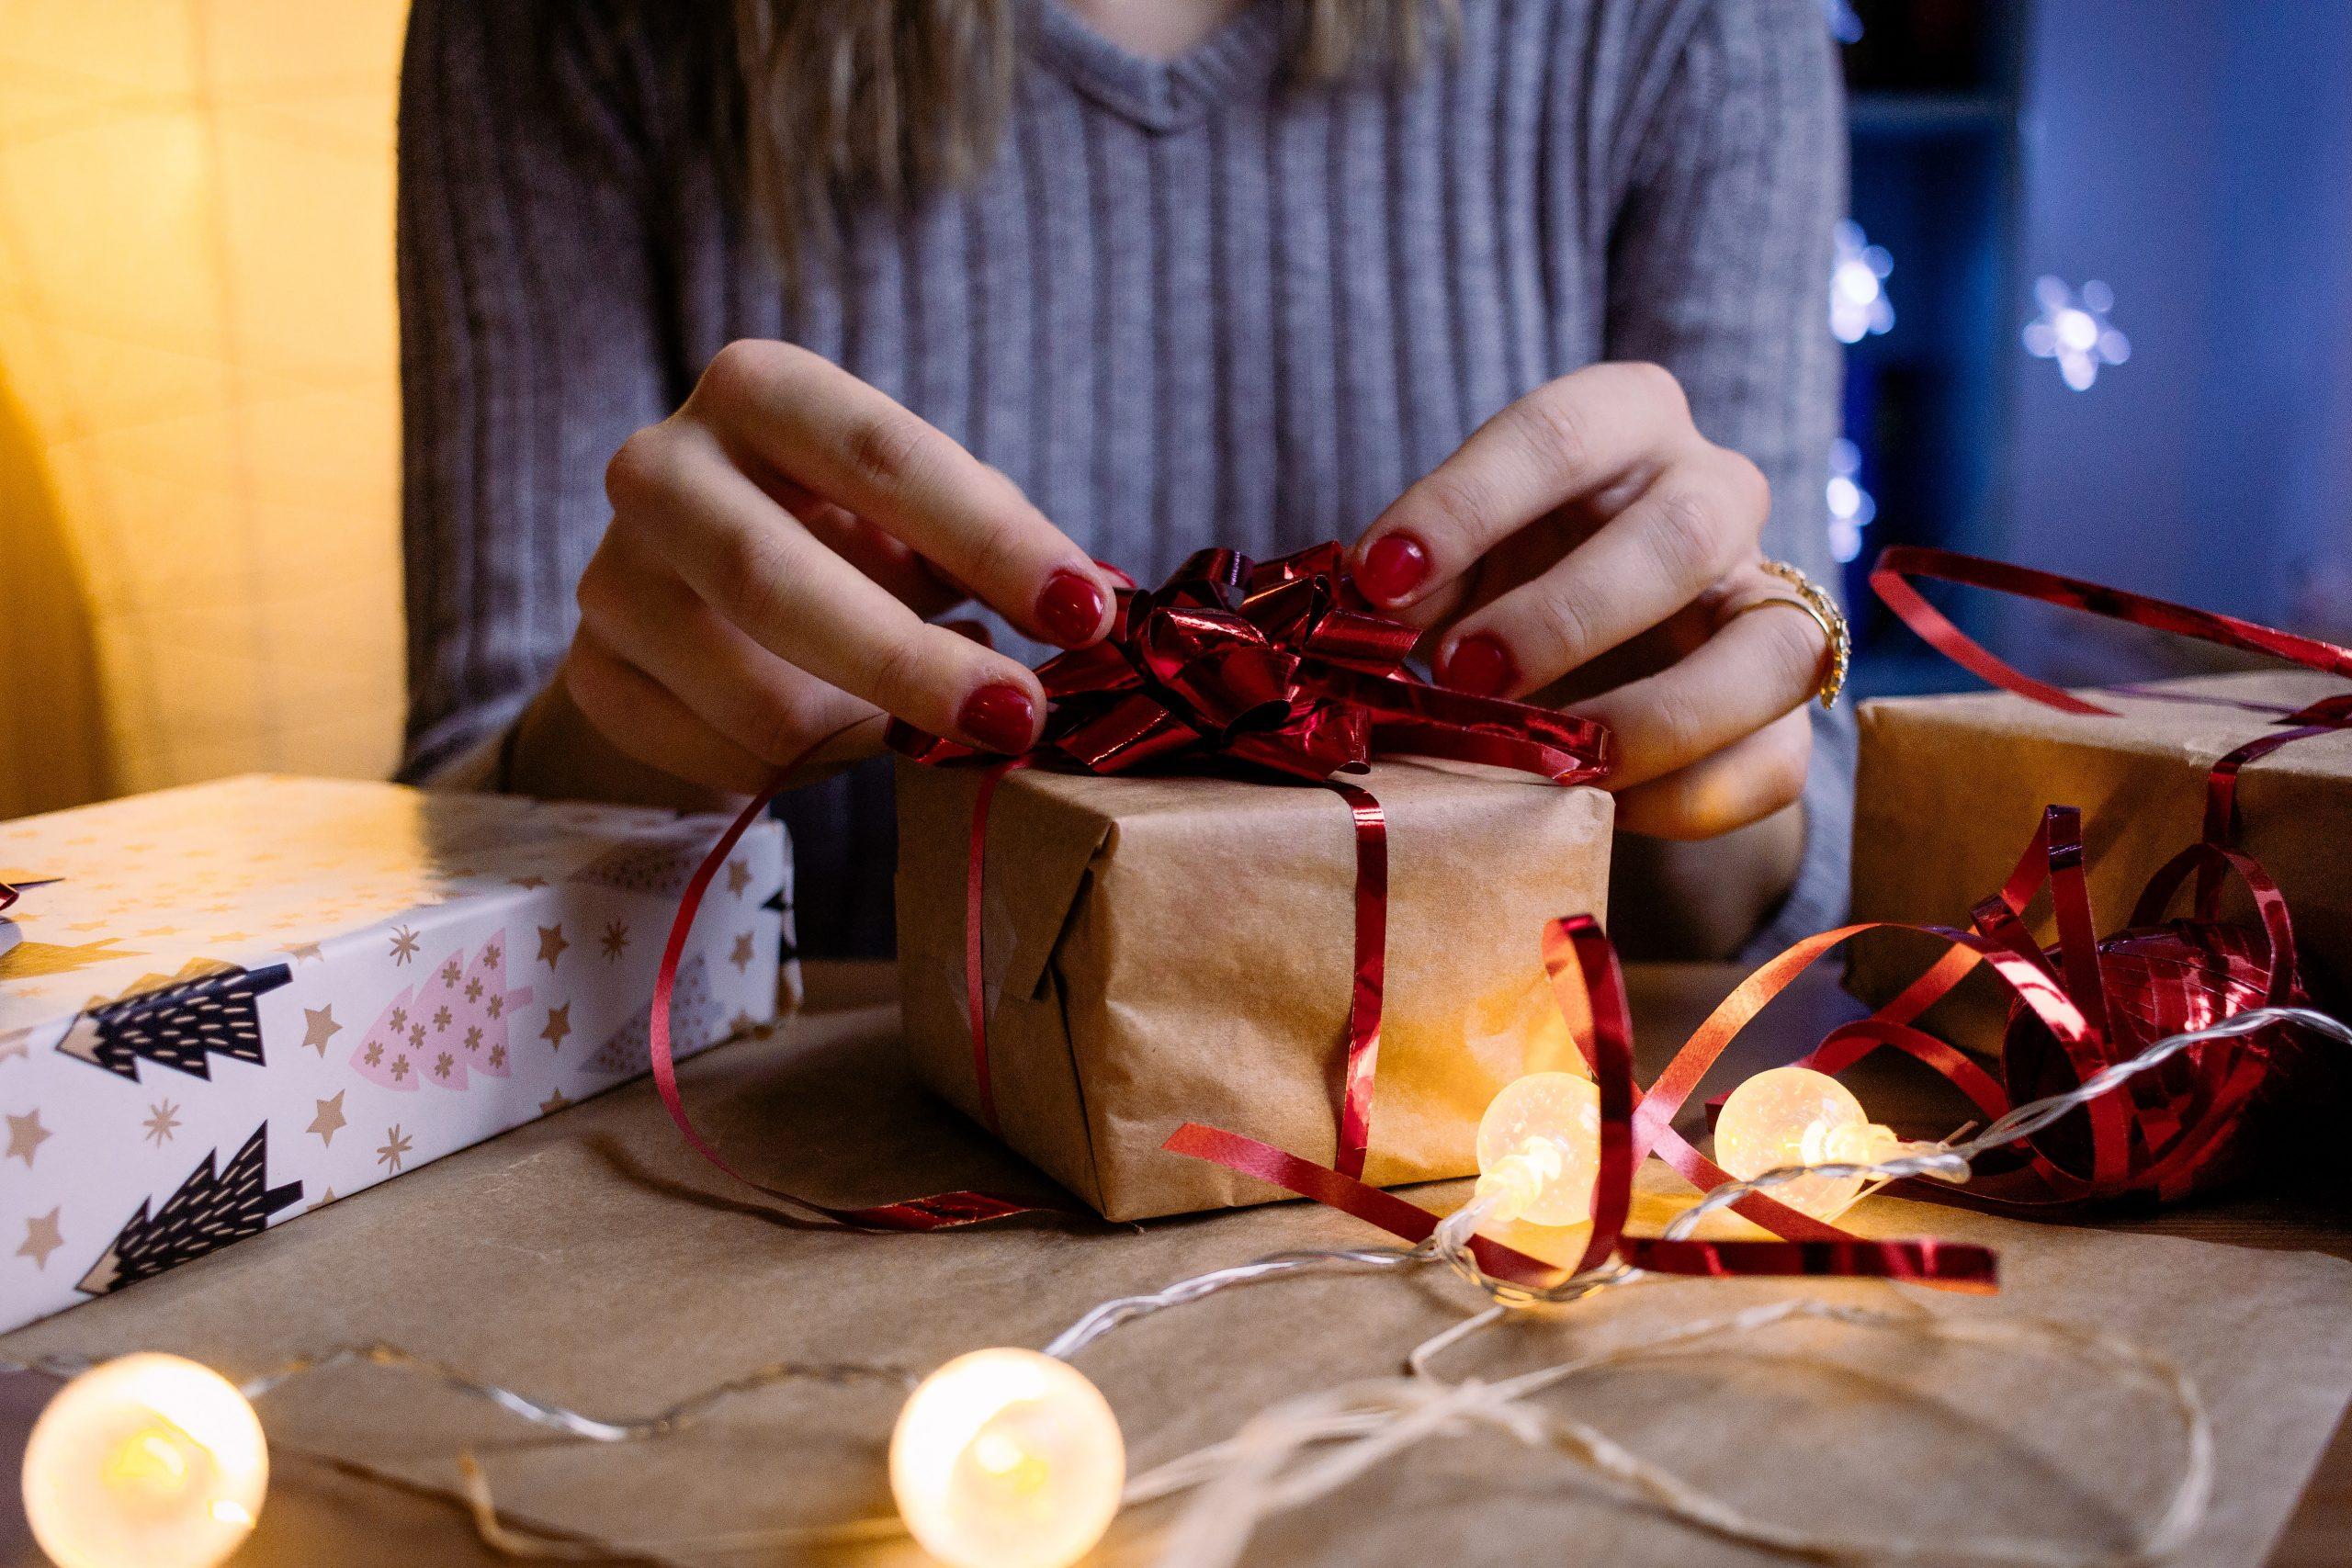 Beste kerstcadeau voor vriendin: Winkelgids en Aanbevelingen (10/21)